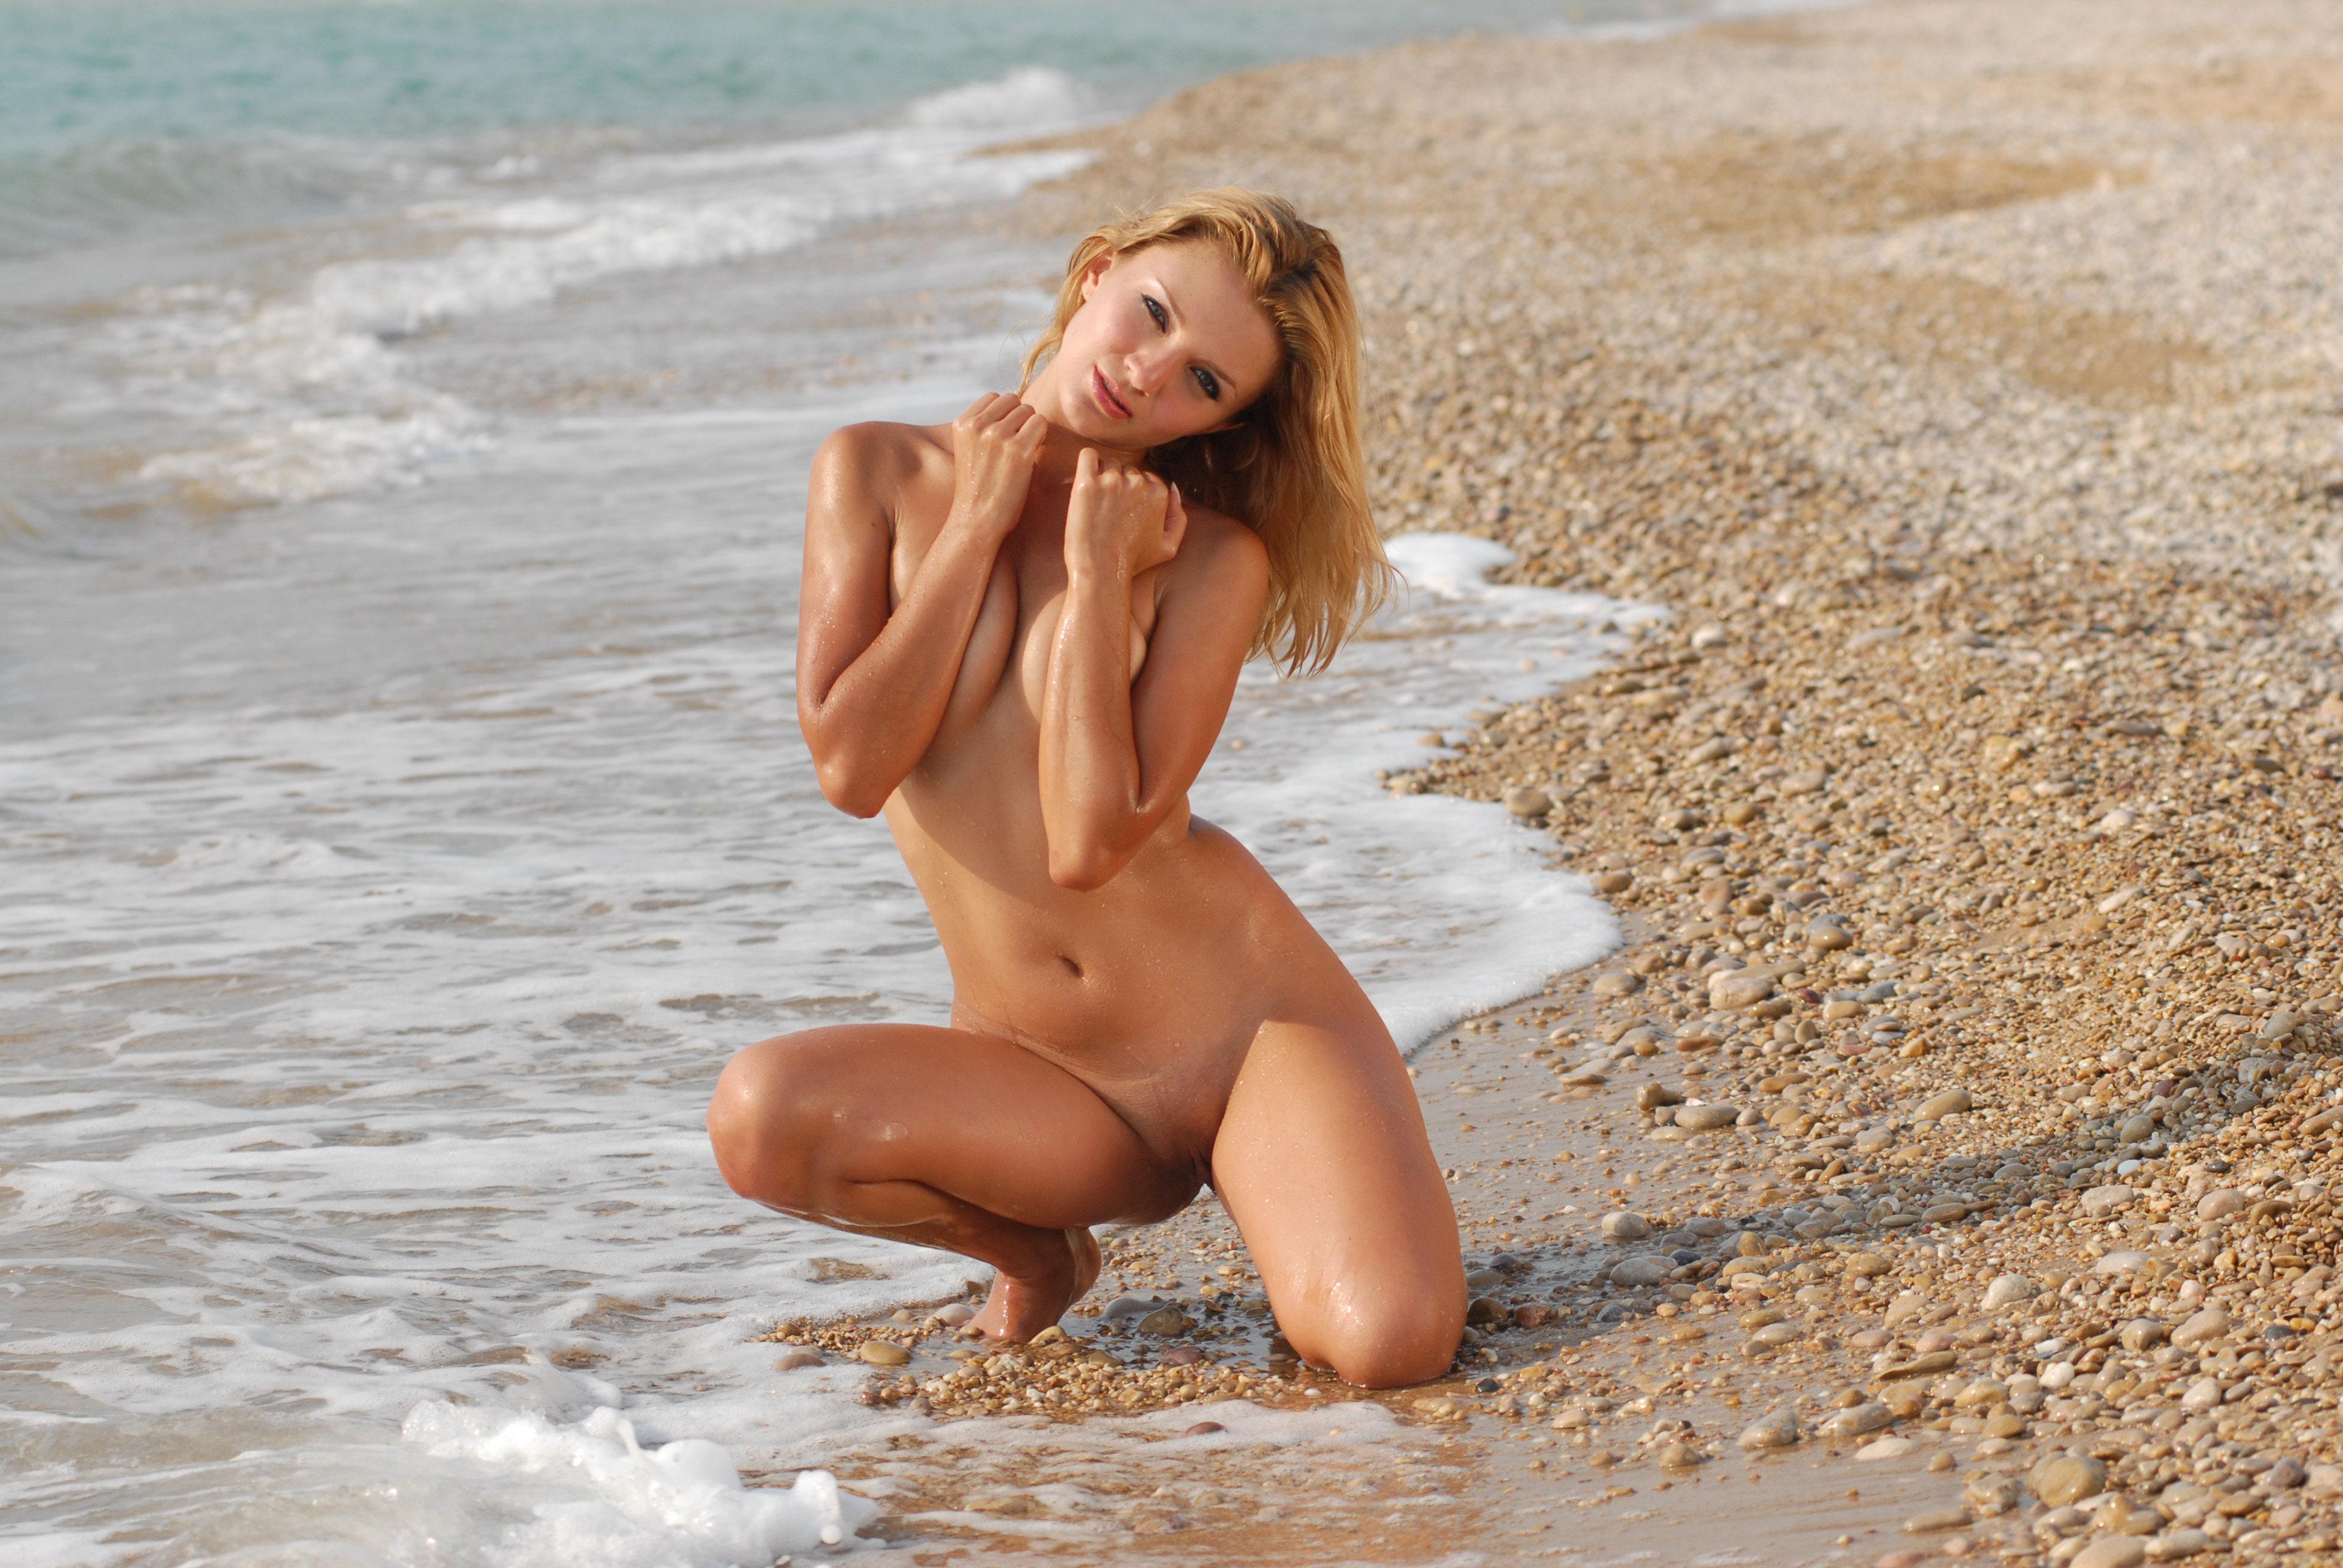 Фотографии красивых абсолютно голых девушек 17 фотография